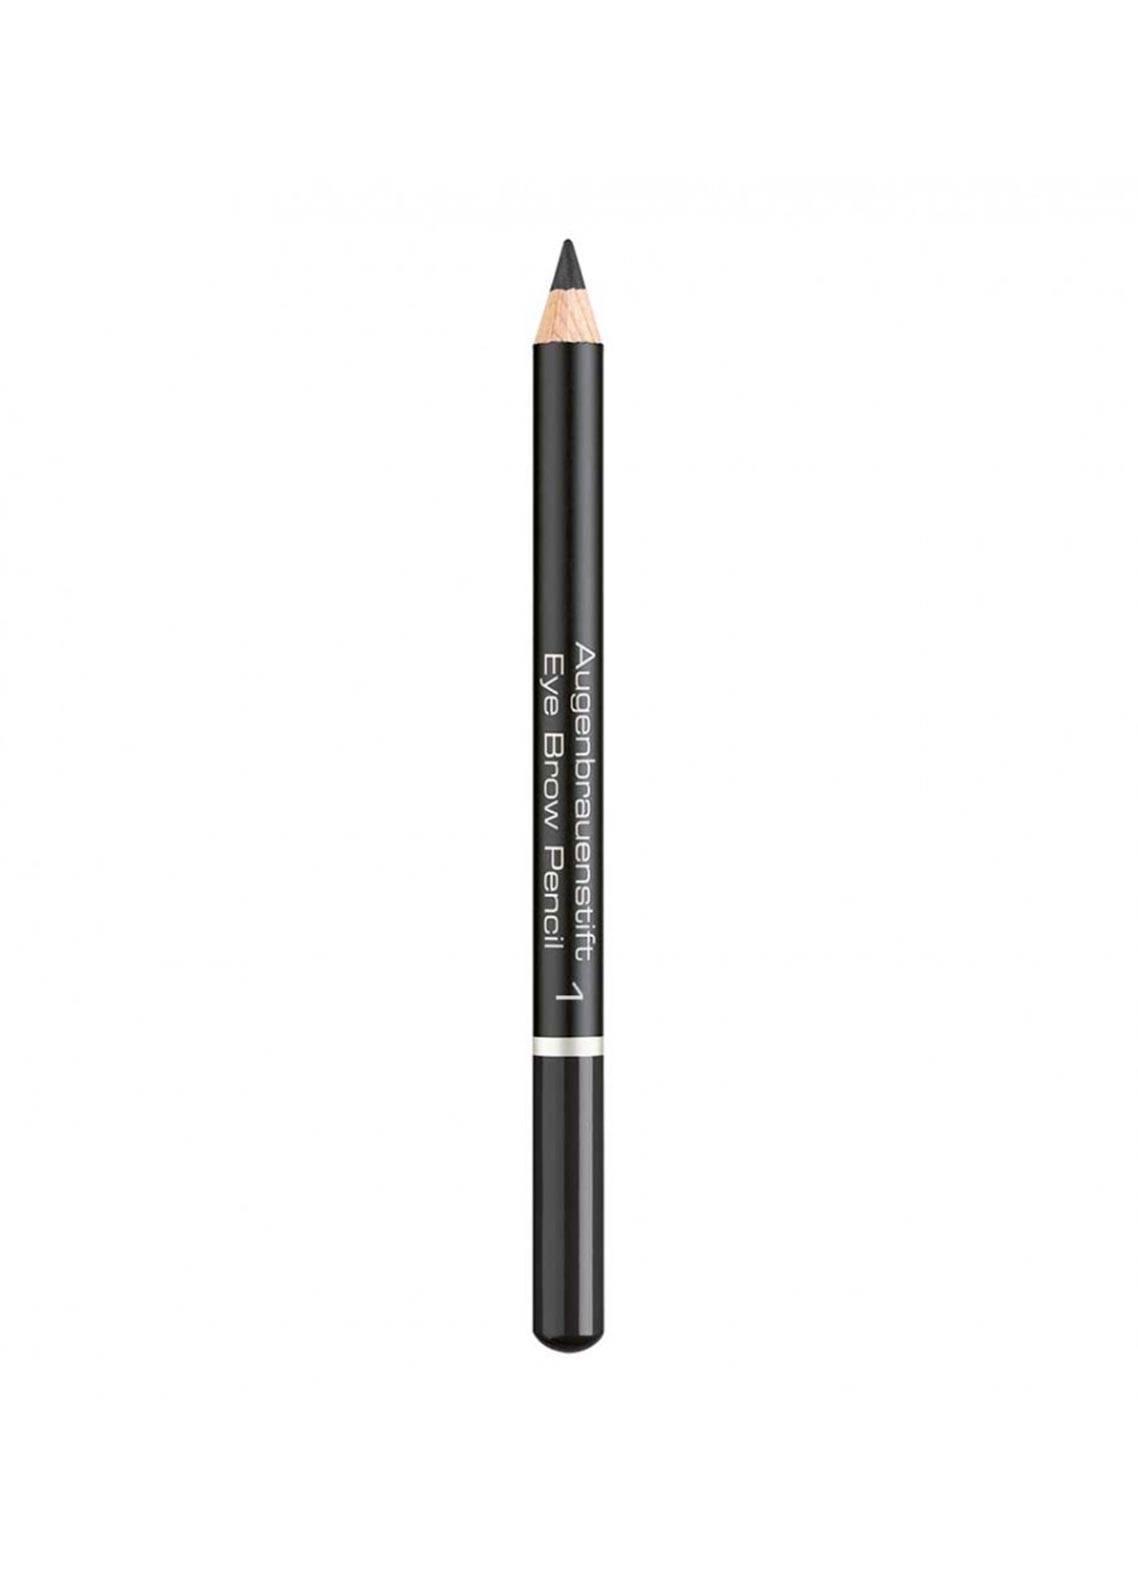 Artdeco Eye Brow Pencil-01